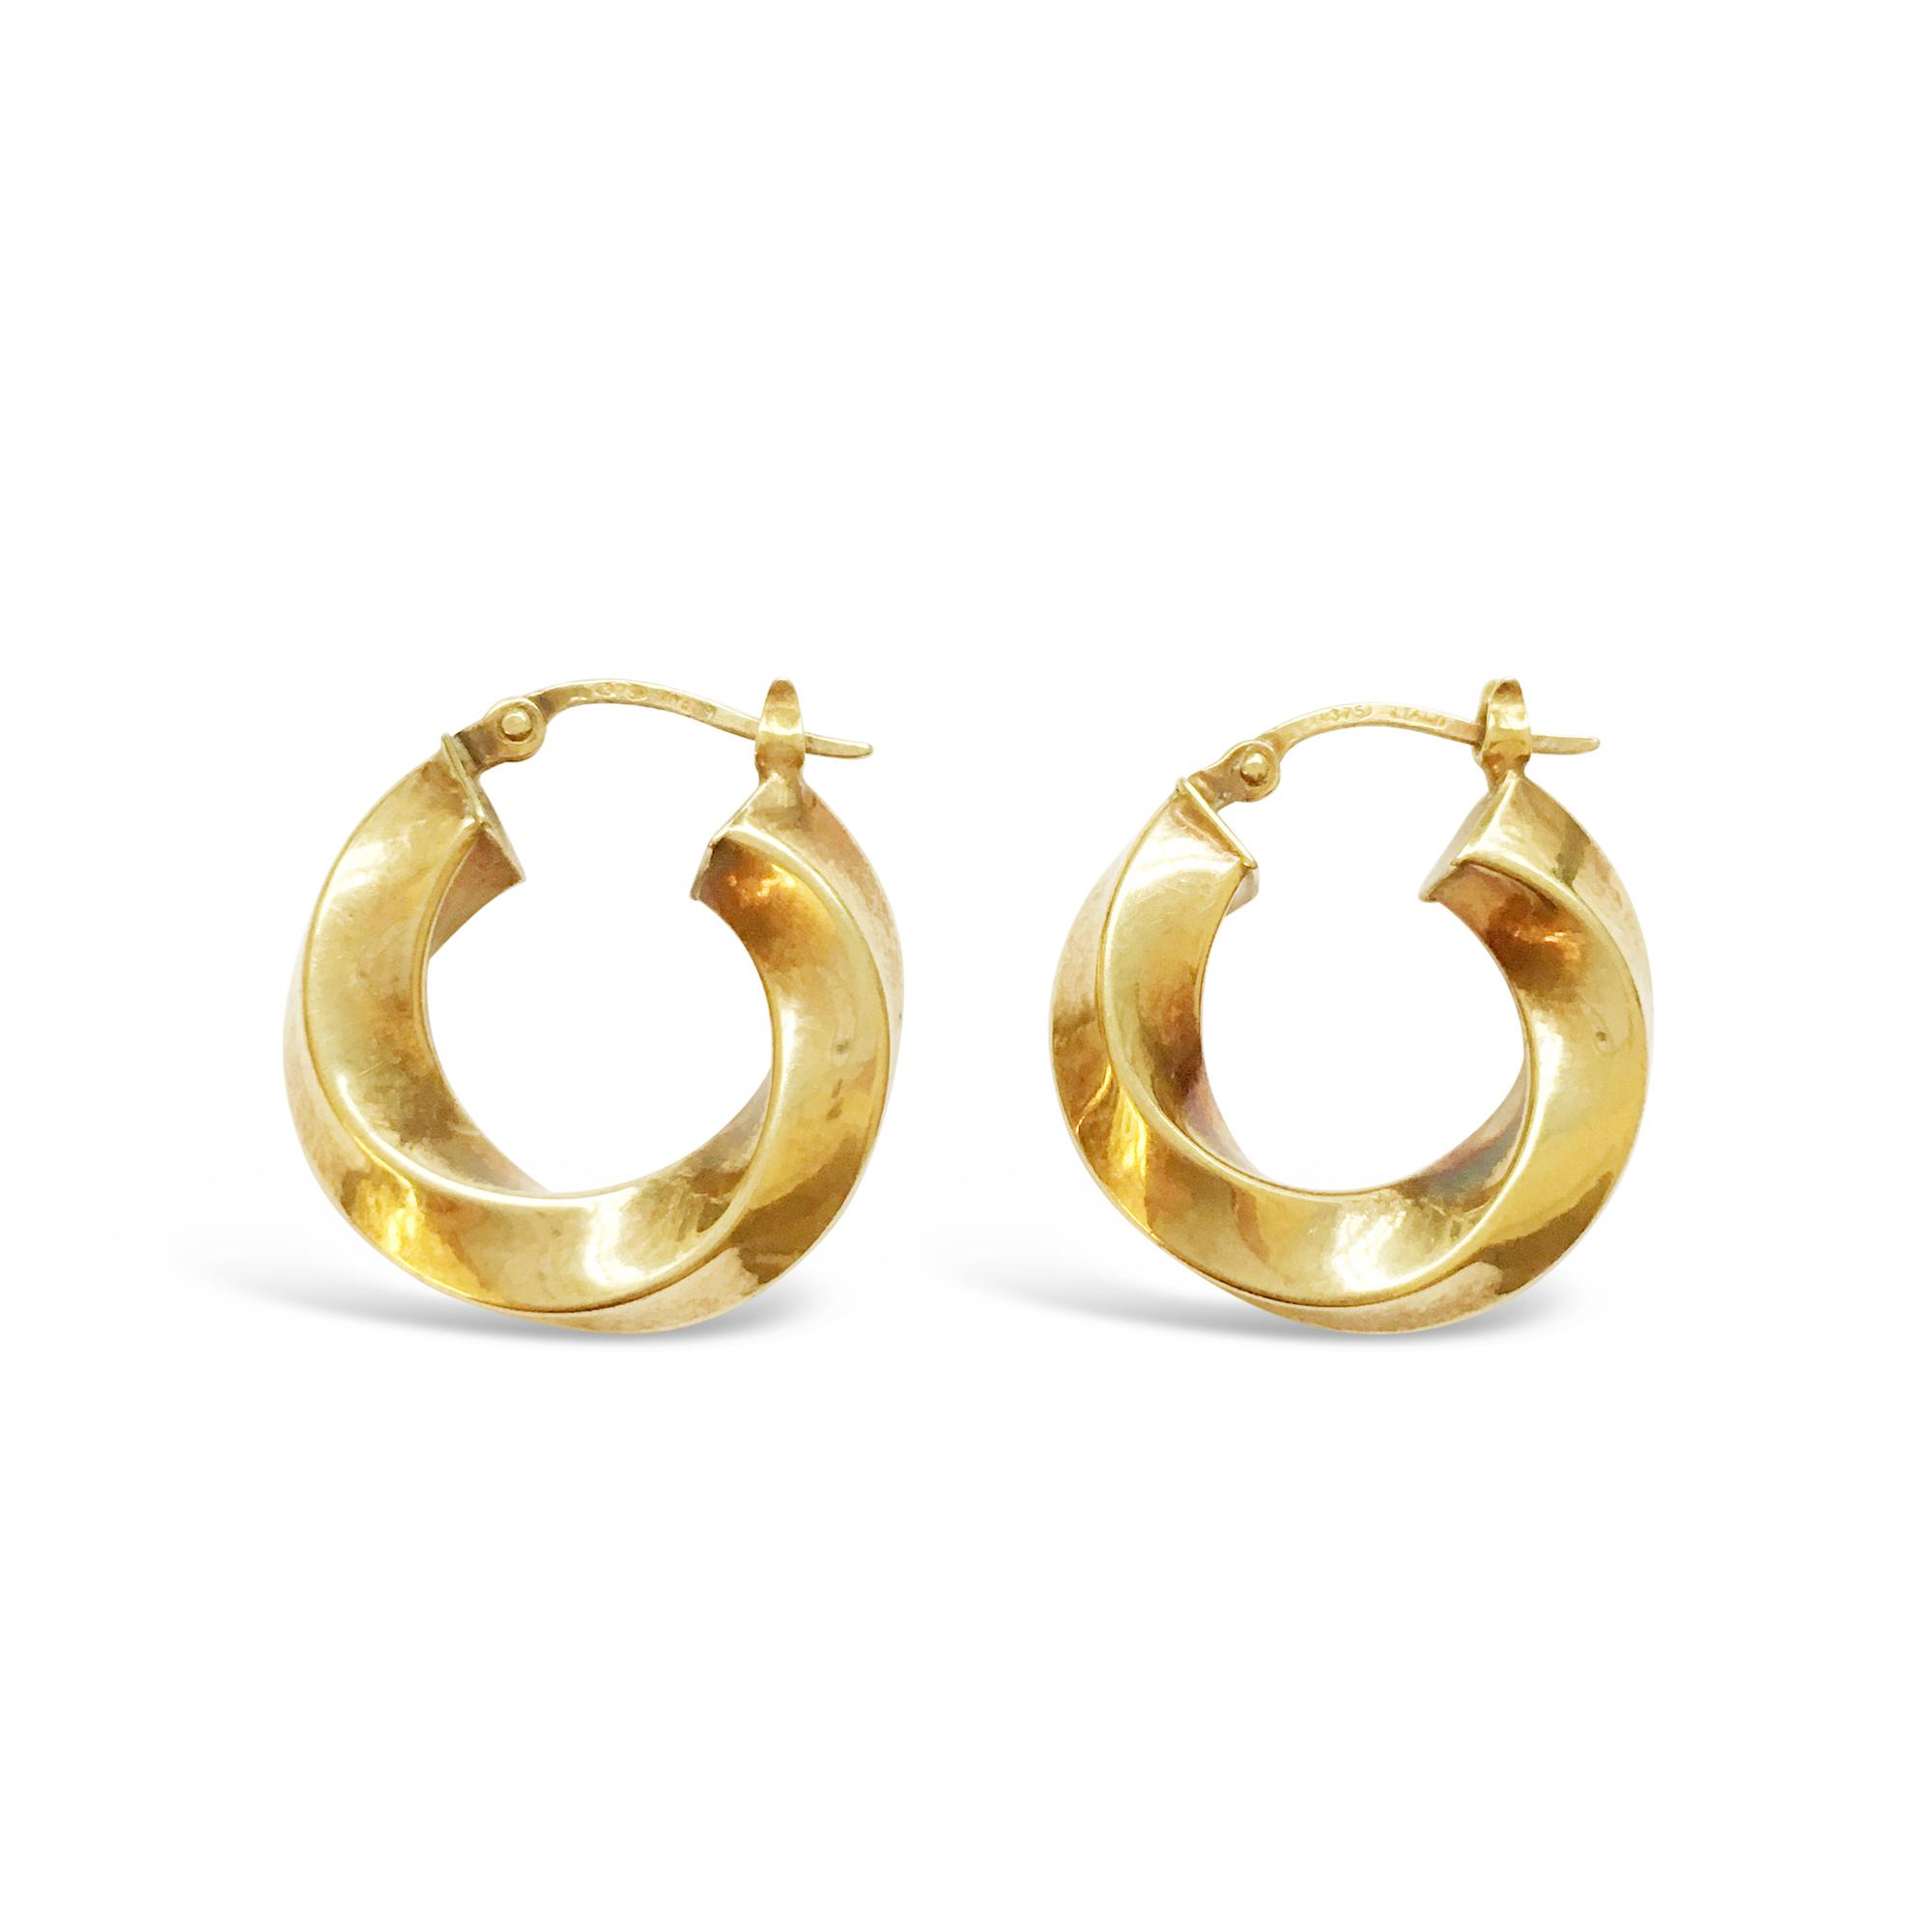 VINTAGEYELLOW GOLD TWIST HOOP EARRINGS